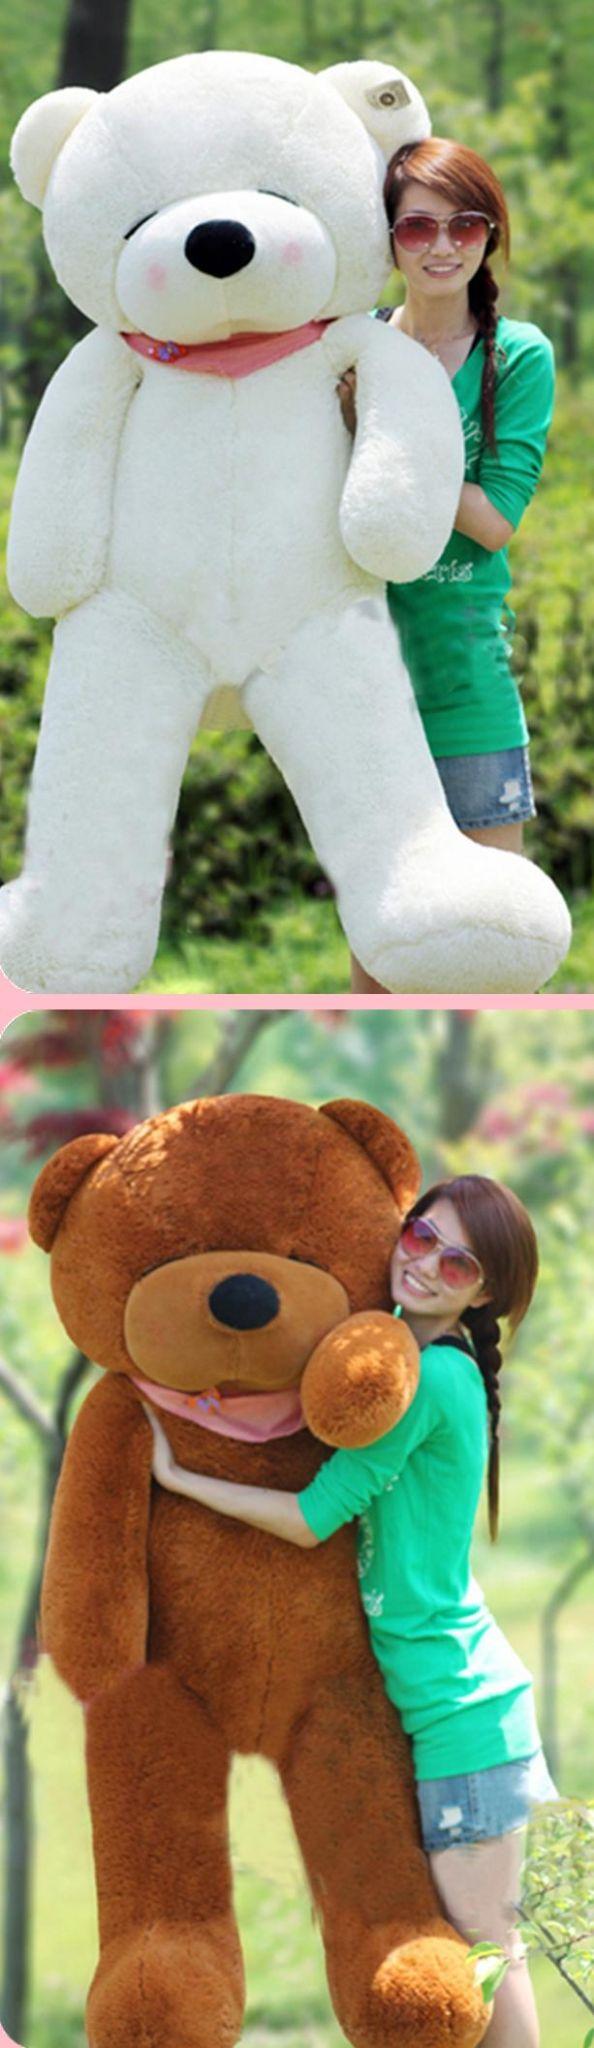 Gấu bông cỡ lớn cực đẹp